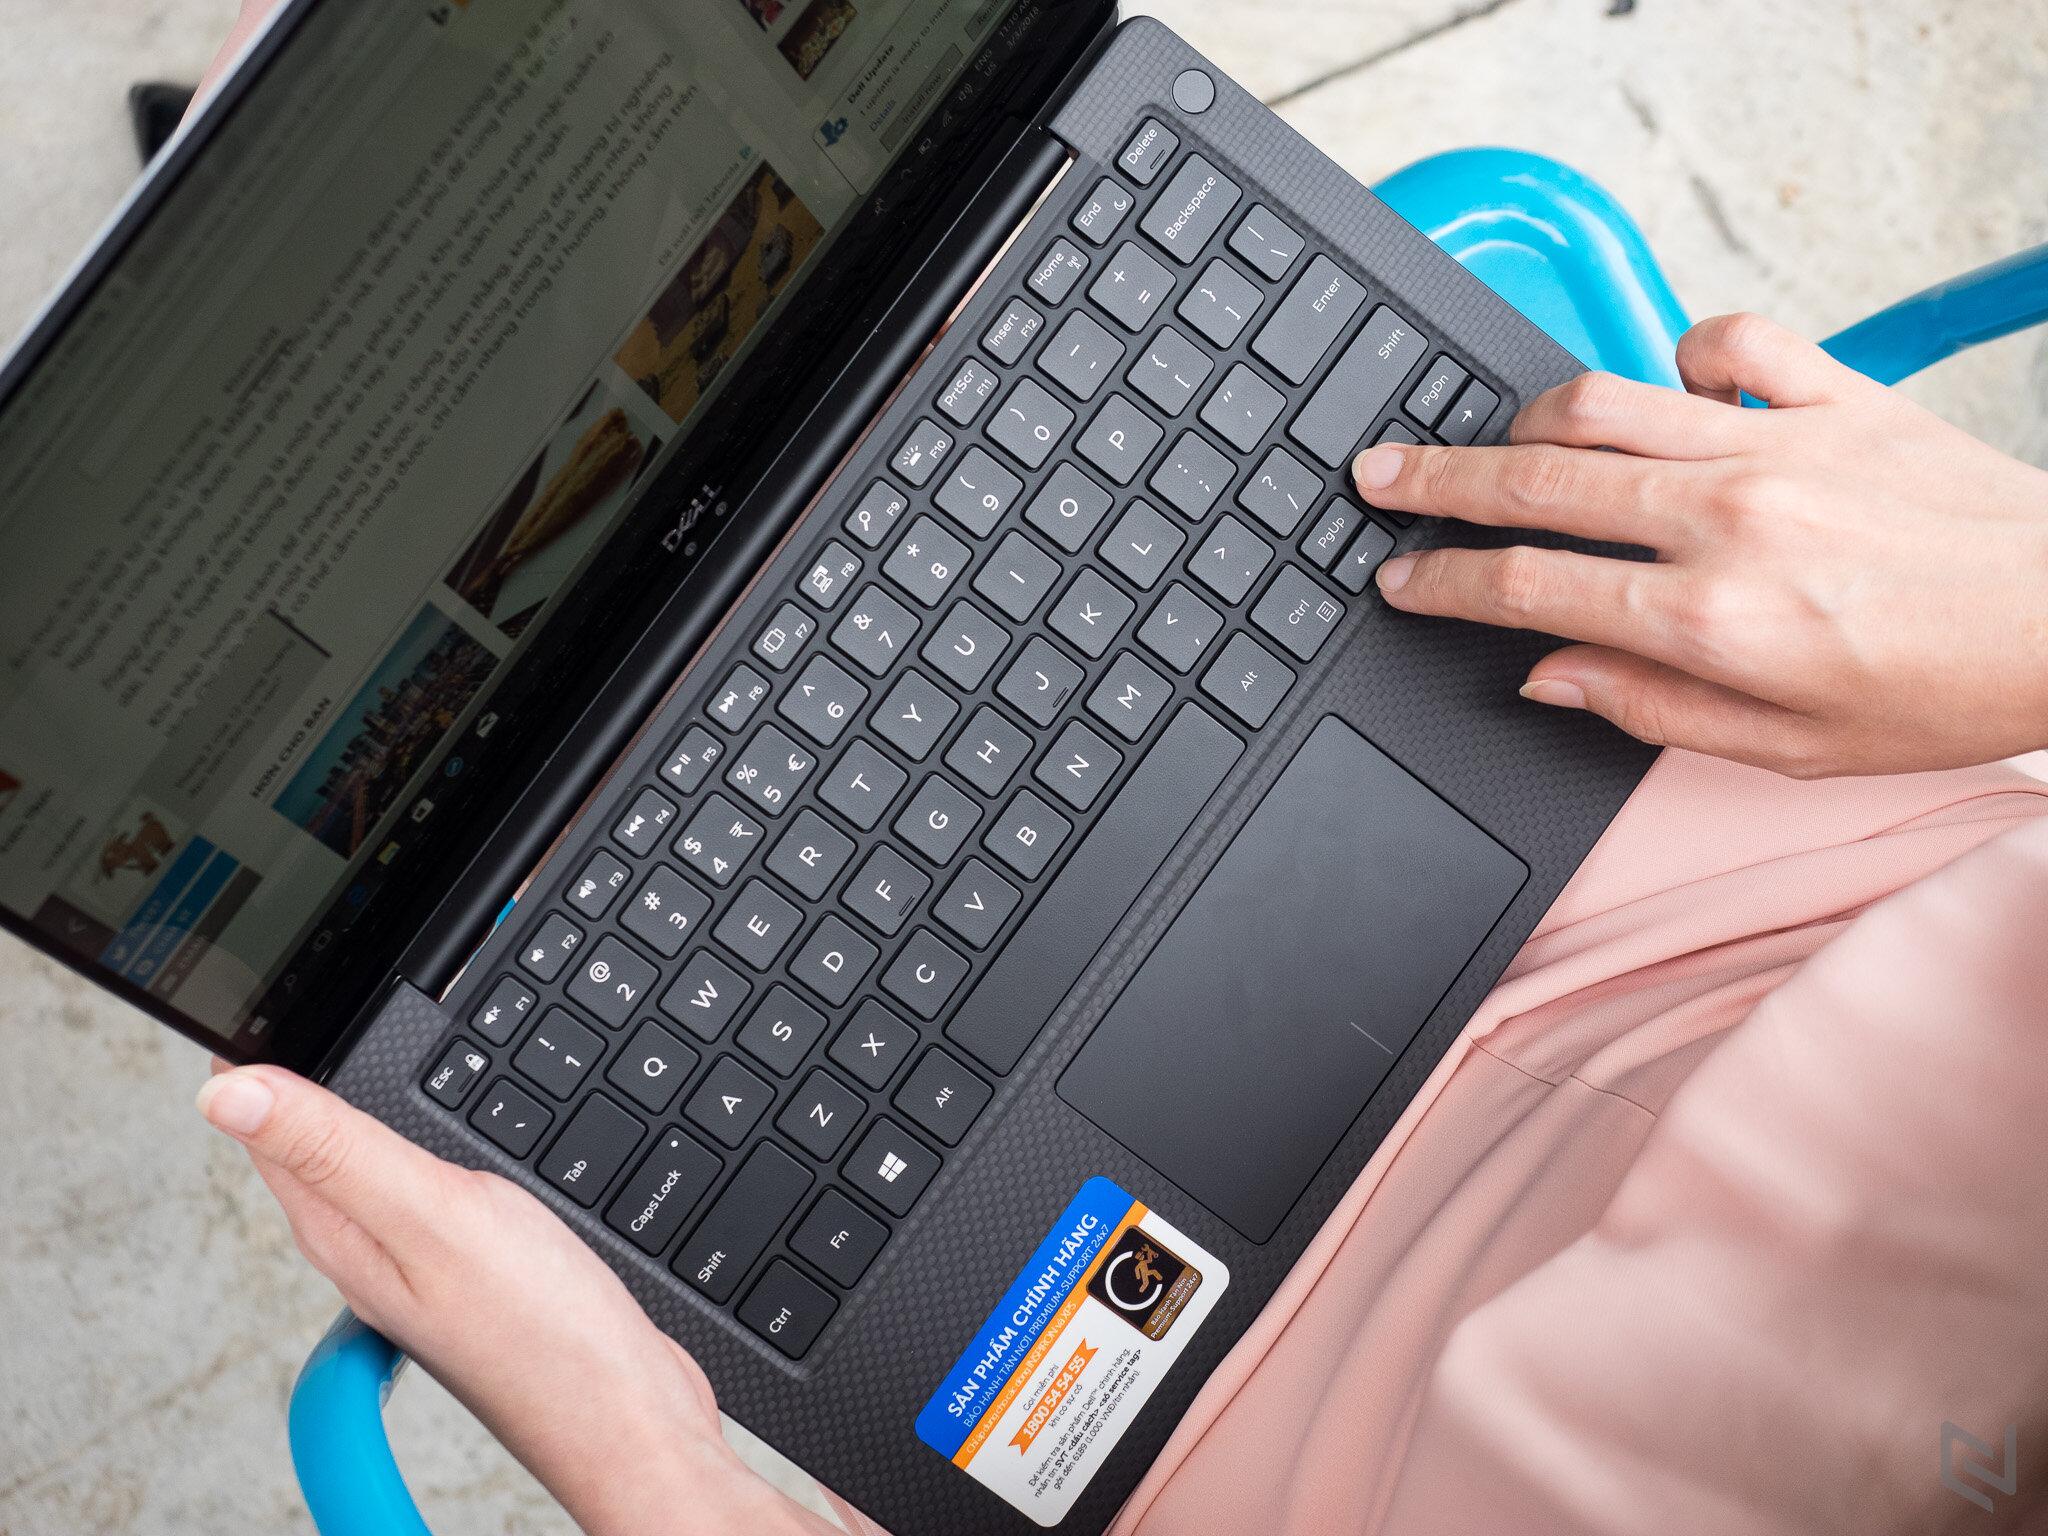 Cach-kiem-tra-laptop-khi-mua-yen-tam-nhat-la-kiem-tra-cong-giao-tiep-o-dia-webcam-loa